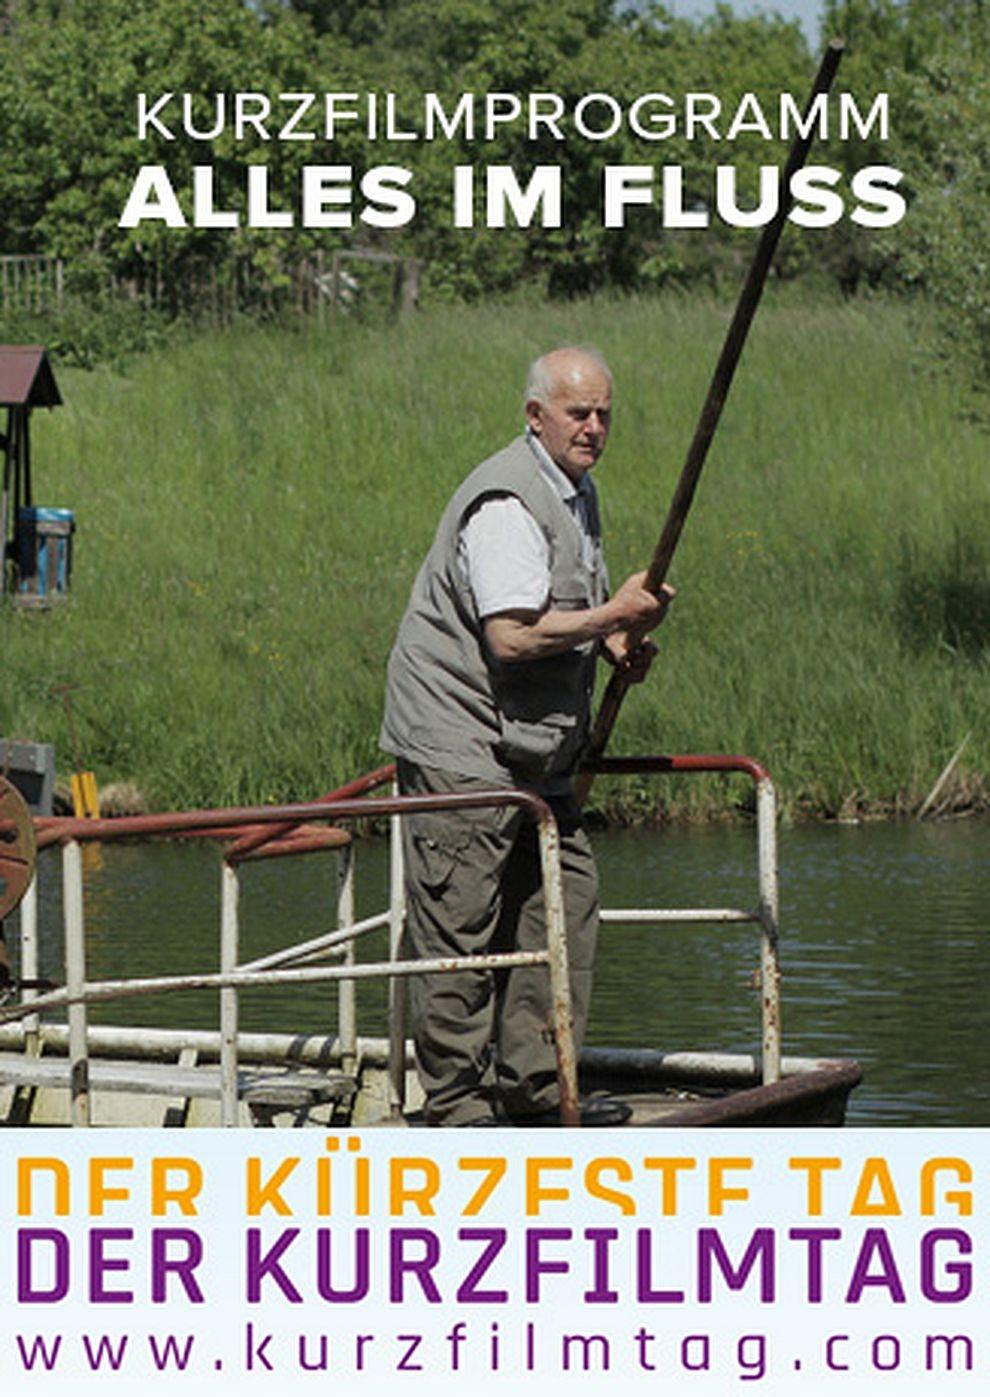 Alles im Fluss (Poster)